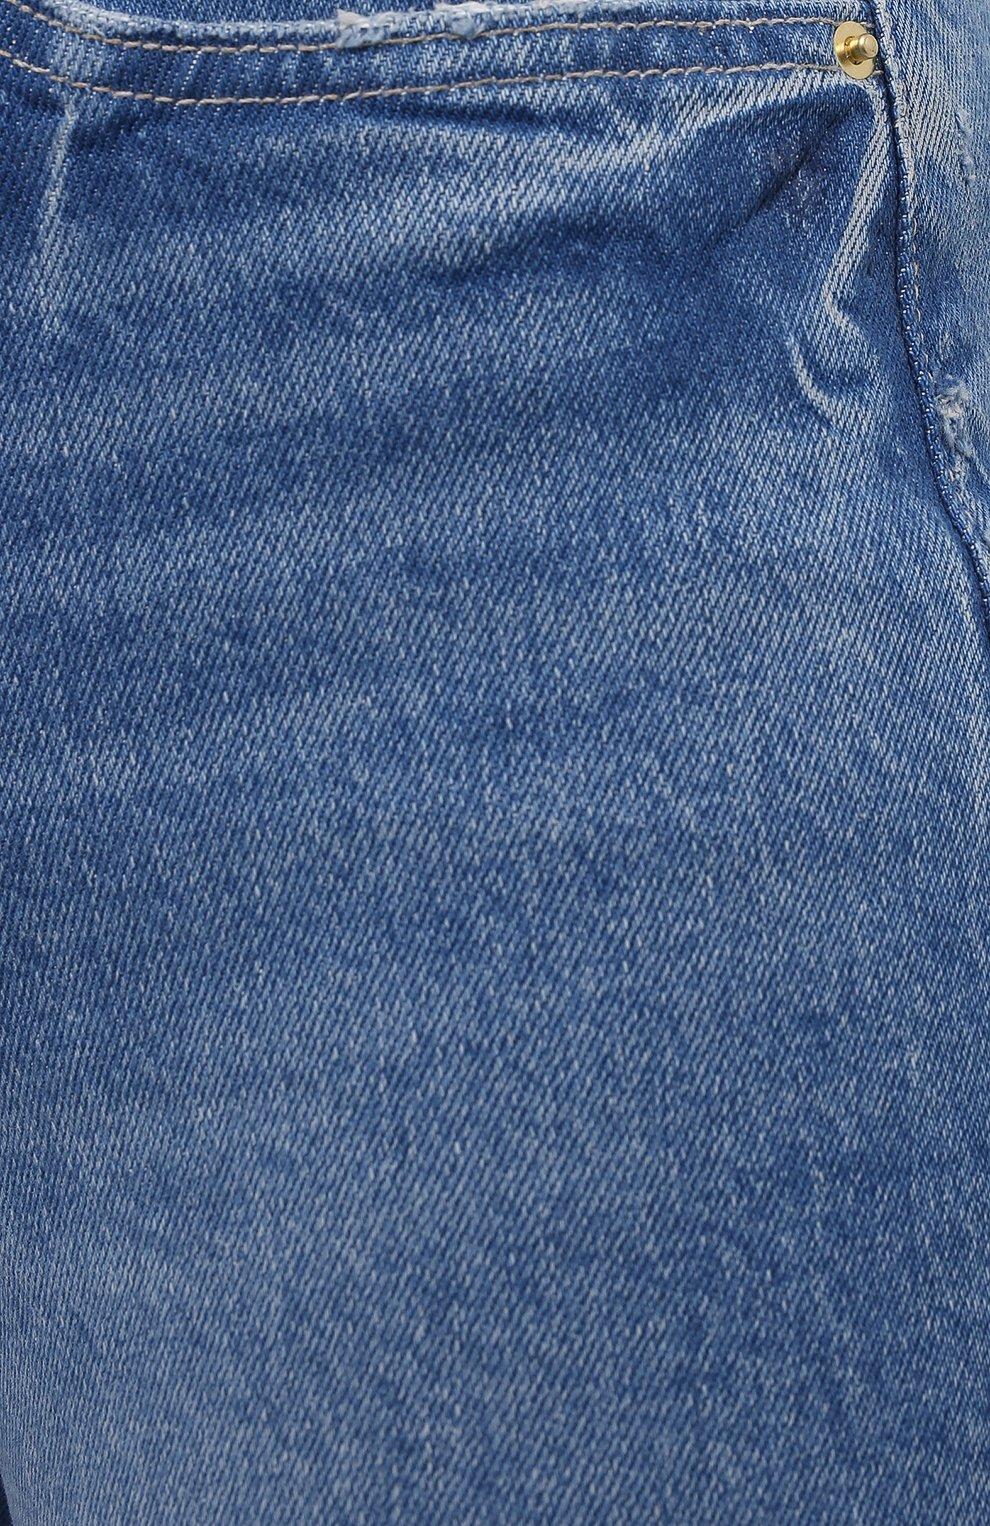 Женские джинсовые шорты FRAME DENIM синего цвета, арт. LVBSHRA118   Фото 5 (Женское Кросс-КТ: Шорты-одежда; Кросс-КТ: Деним; Материал внешний: Хлопок, Лиоцелл, Деним; Стили: Спорт-шик; Длина Ж (юбки, платья, шорты): До колена)